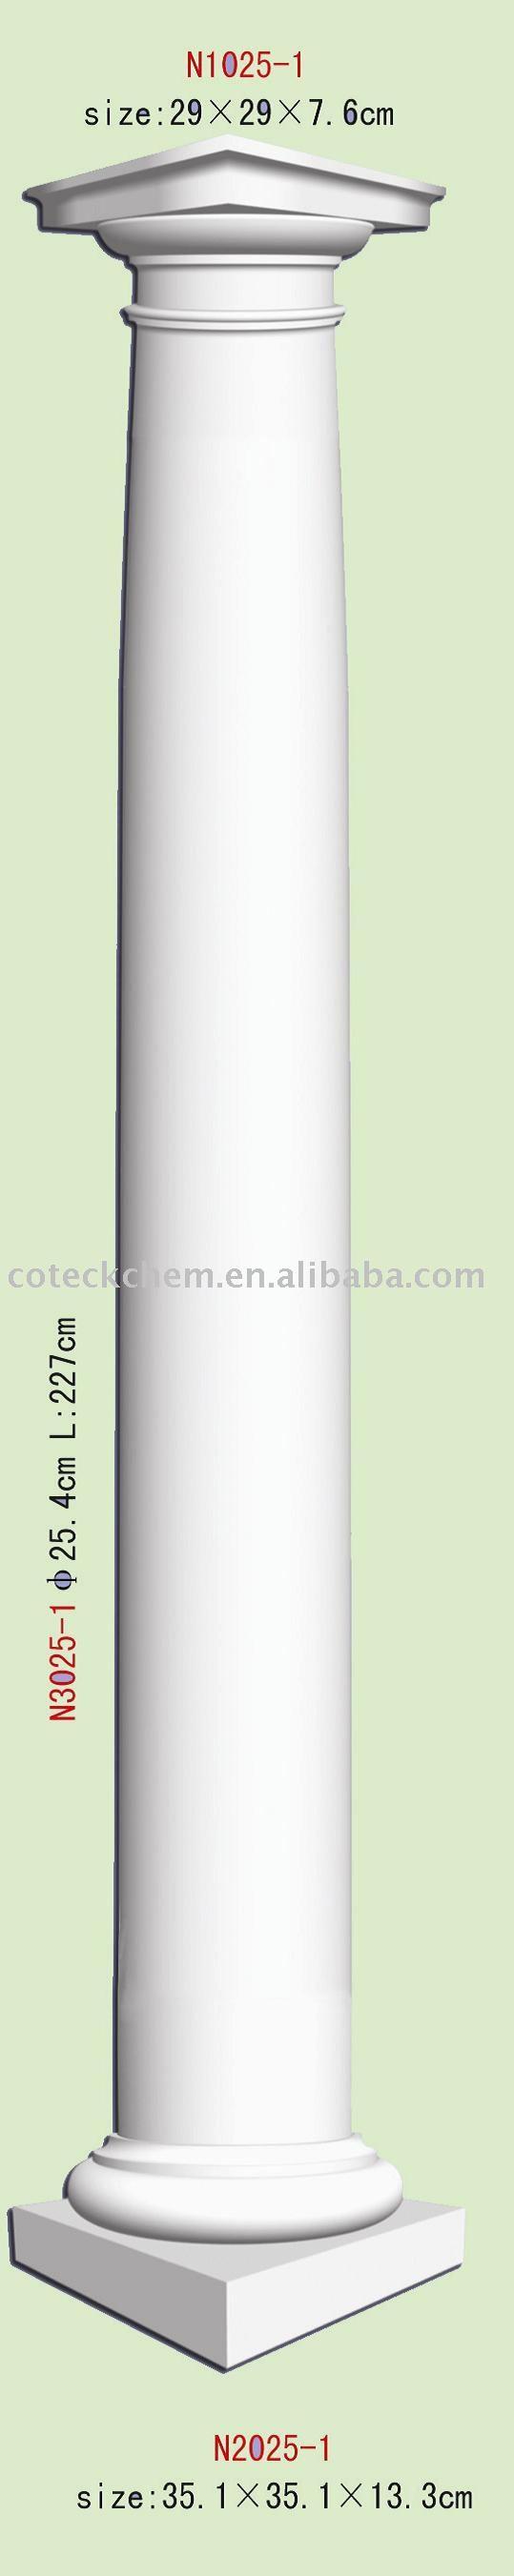 Water Proof / pu Column /foam